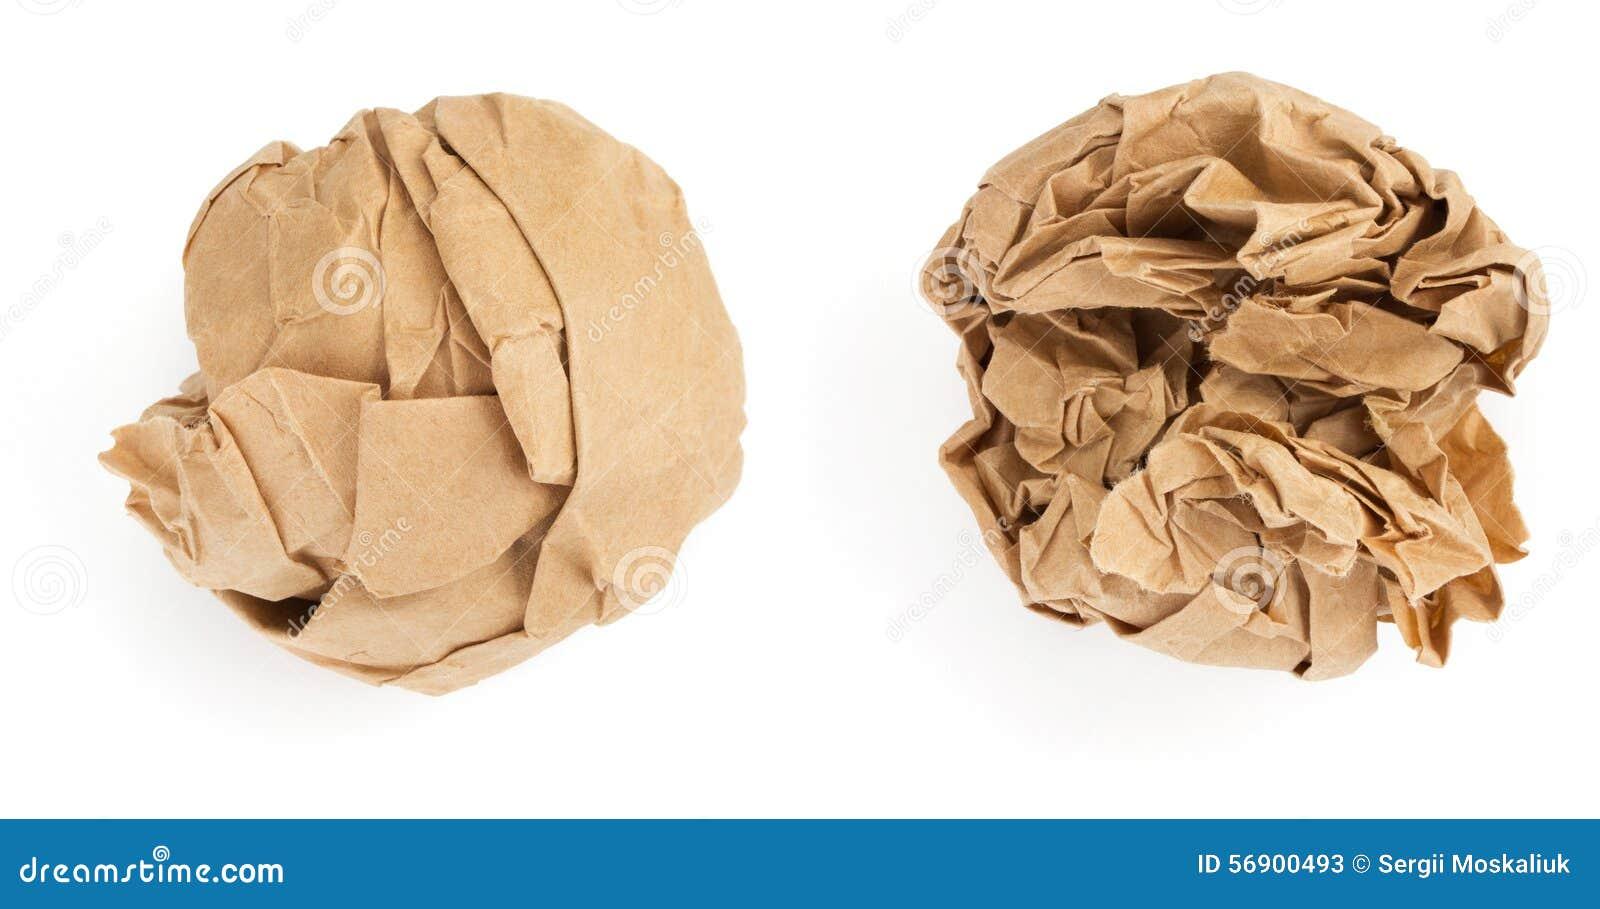 Bola de papel arrugada en el fondo blanco